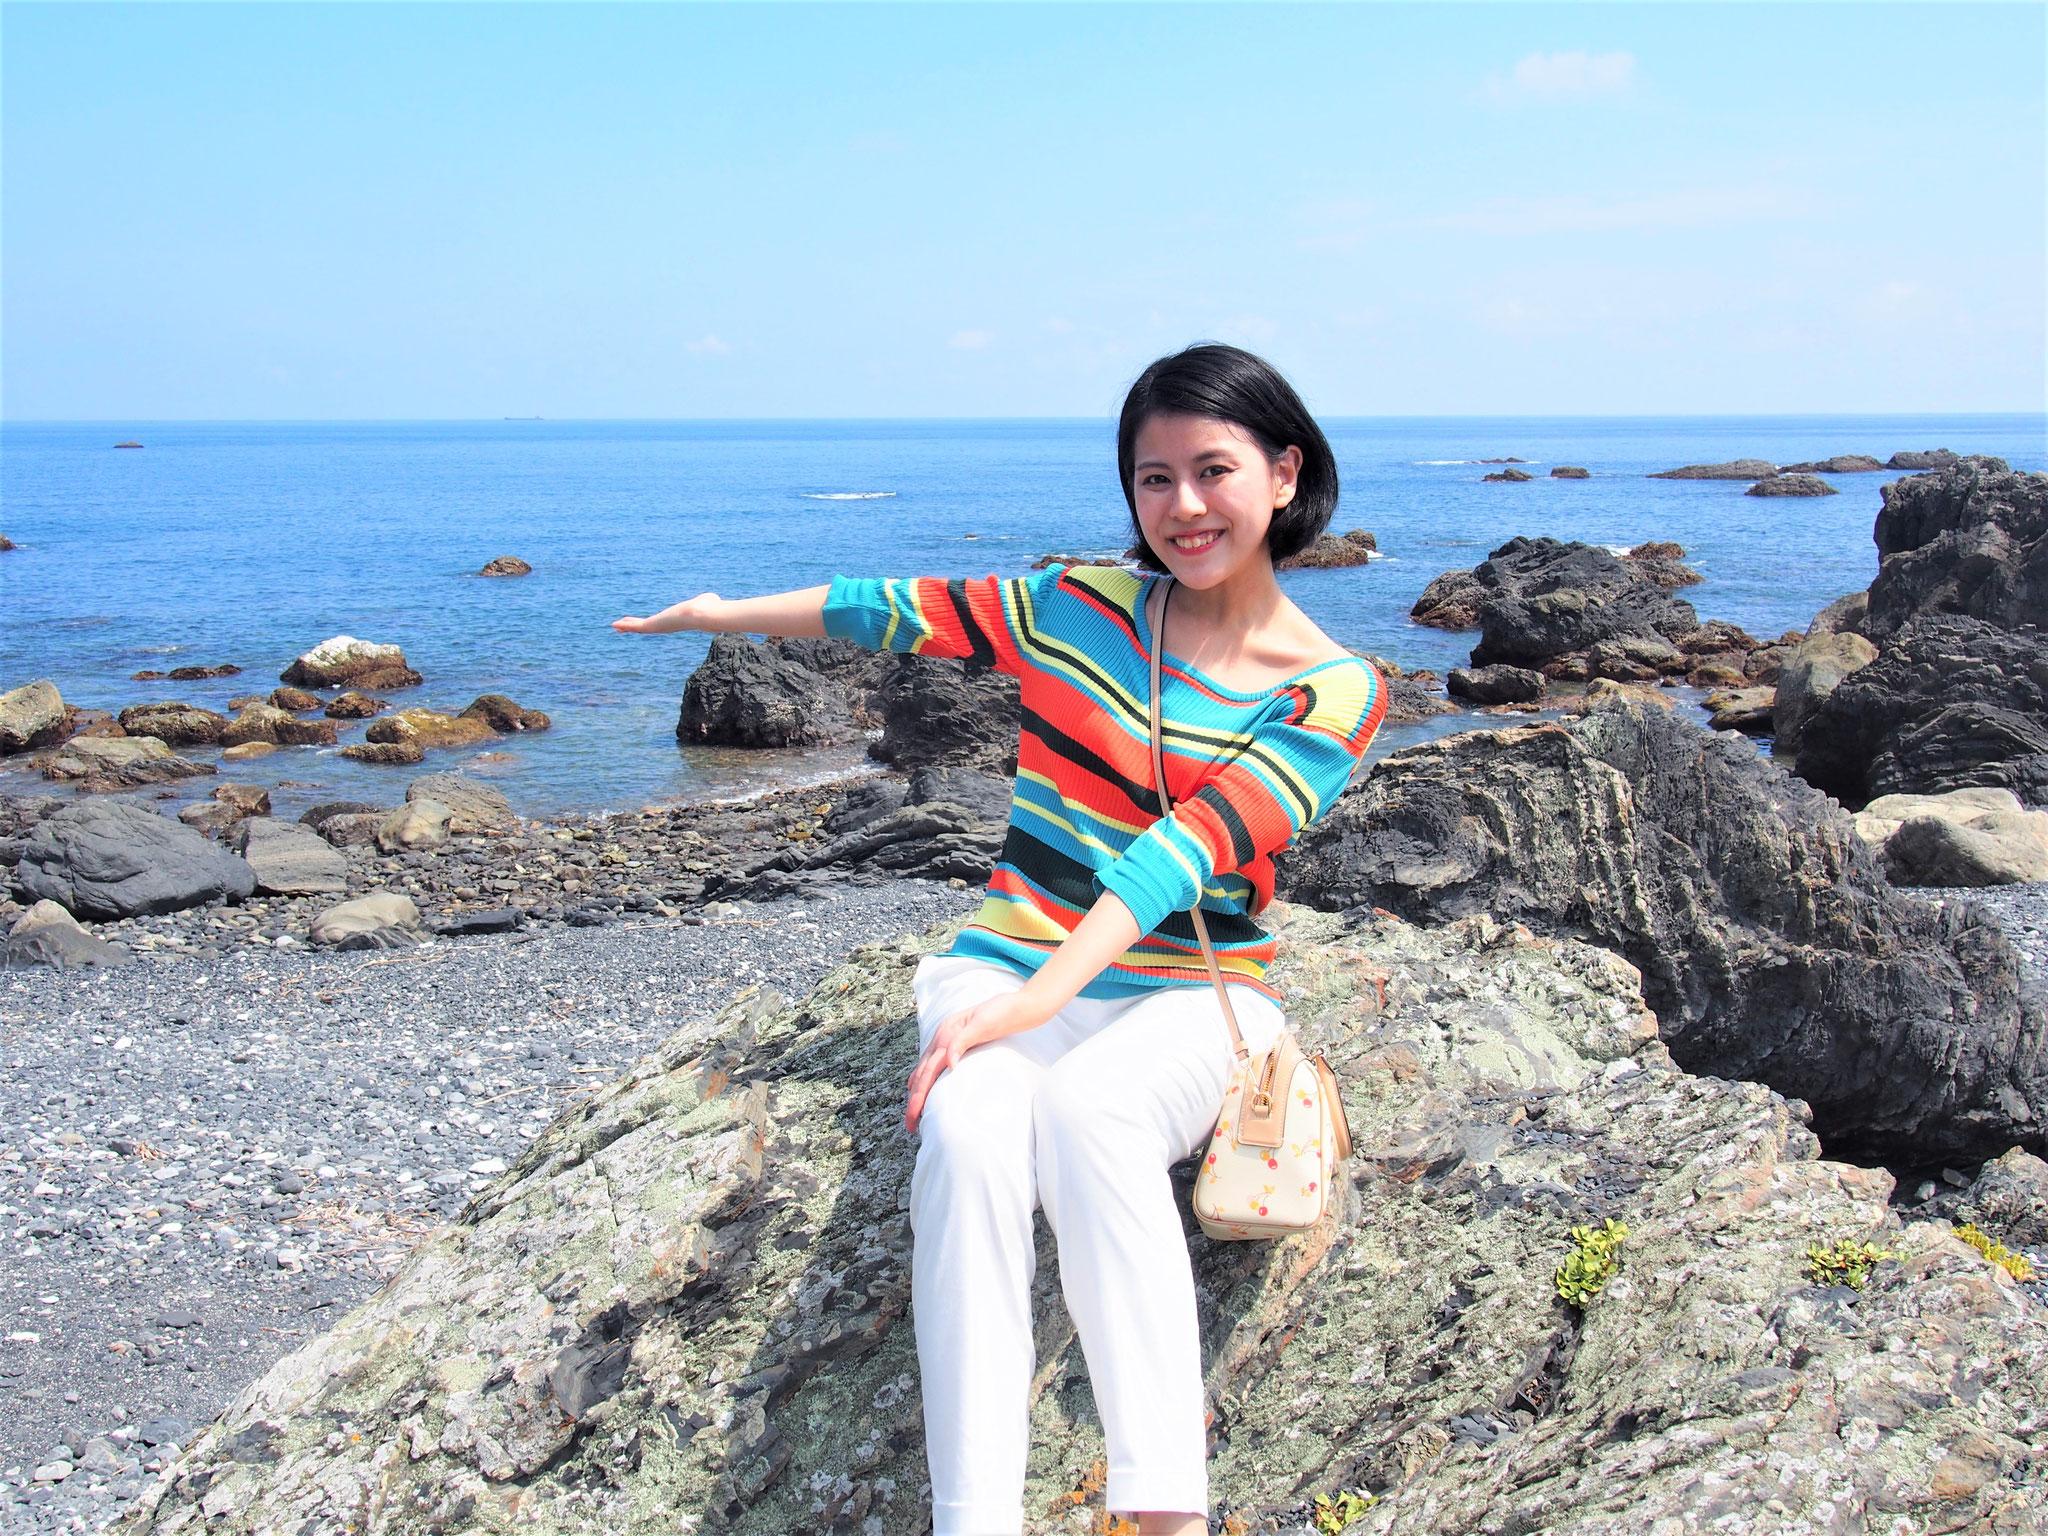 室戸岬海岸  🌊海が青い!